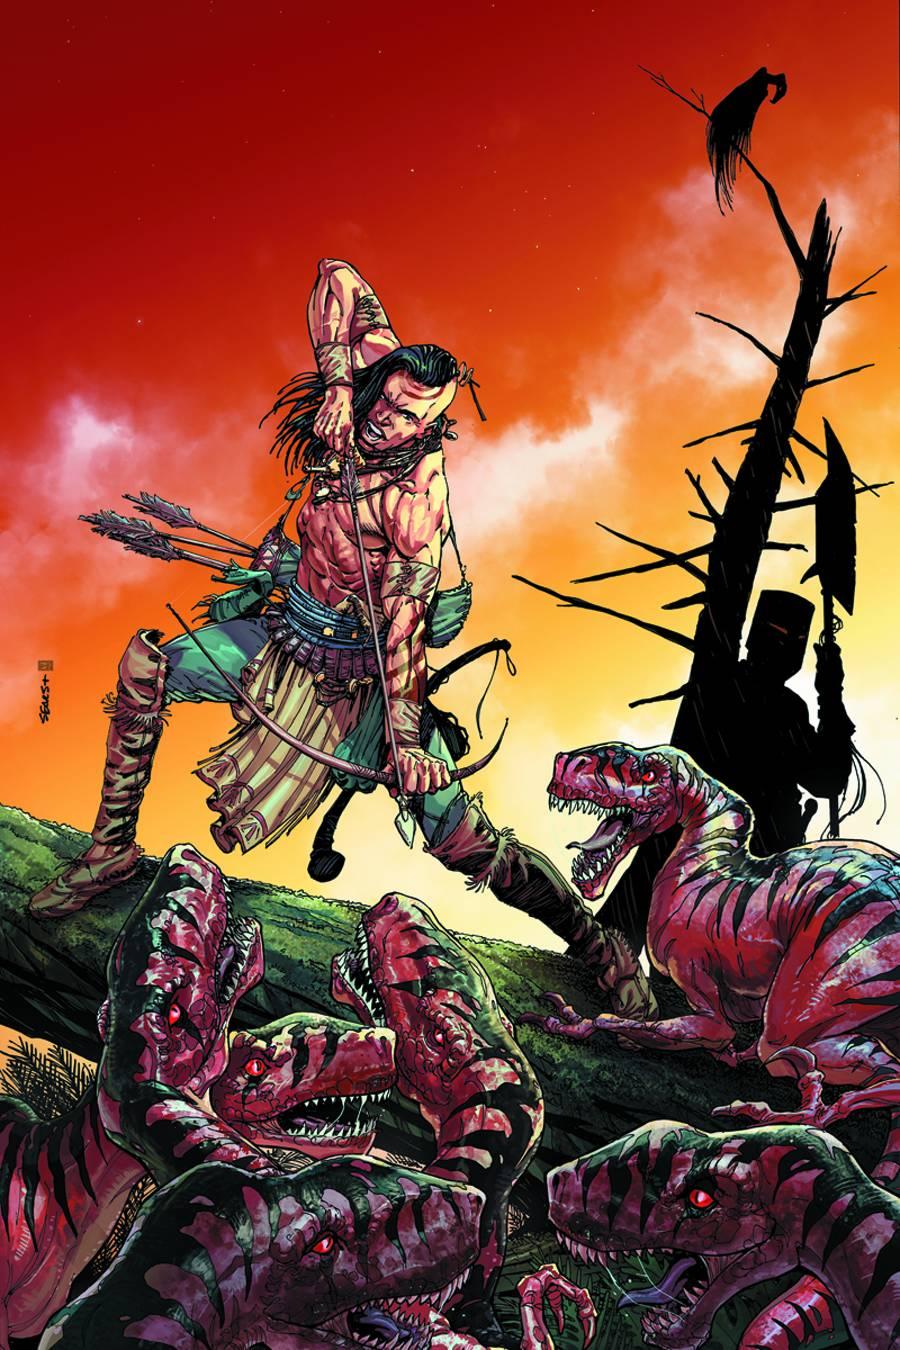 Turok: Dinosaur Hunter #1 Cover